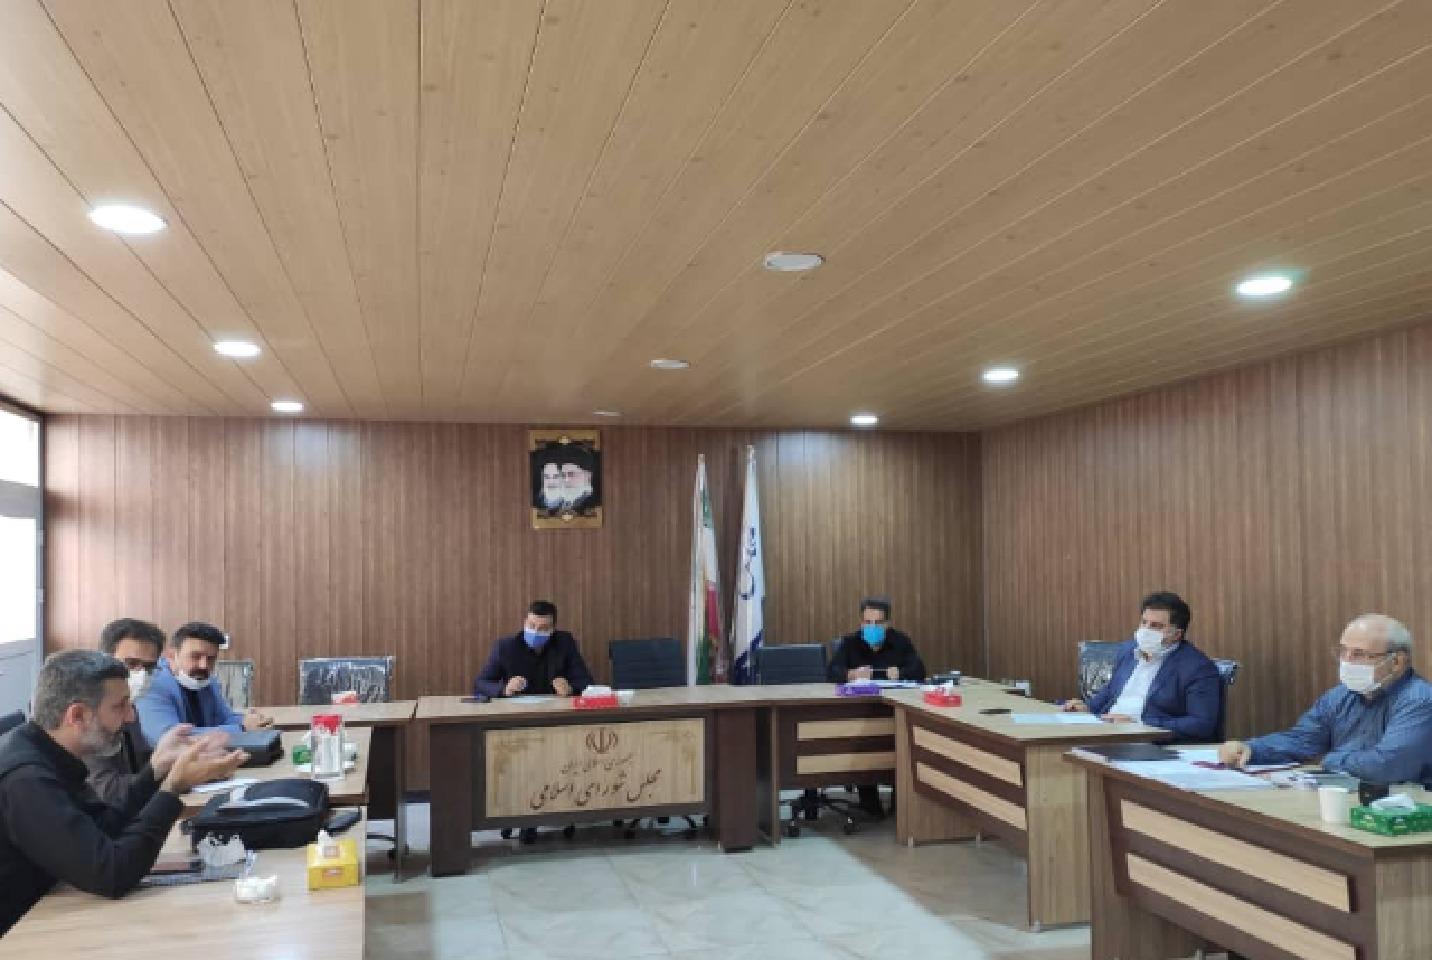 جلسه پیگیری احداث کارخانه تولید خودروی برقی در شاهین شهر برگزار شد